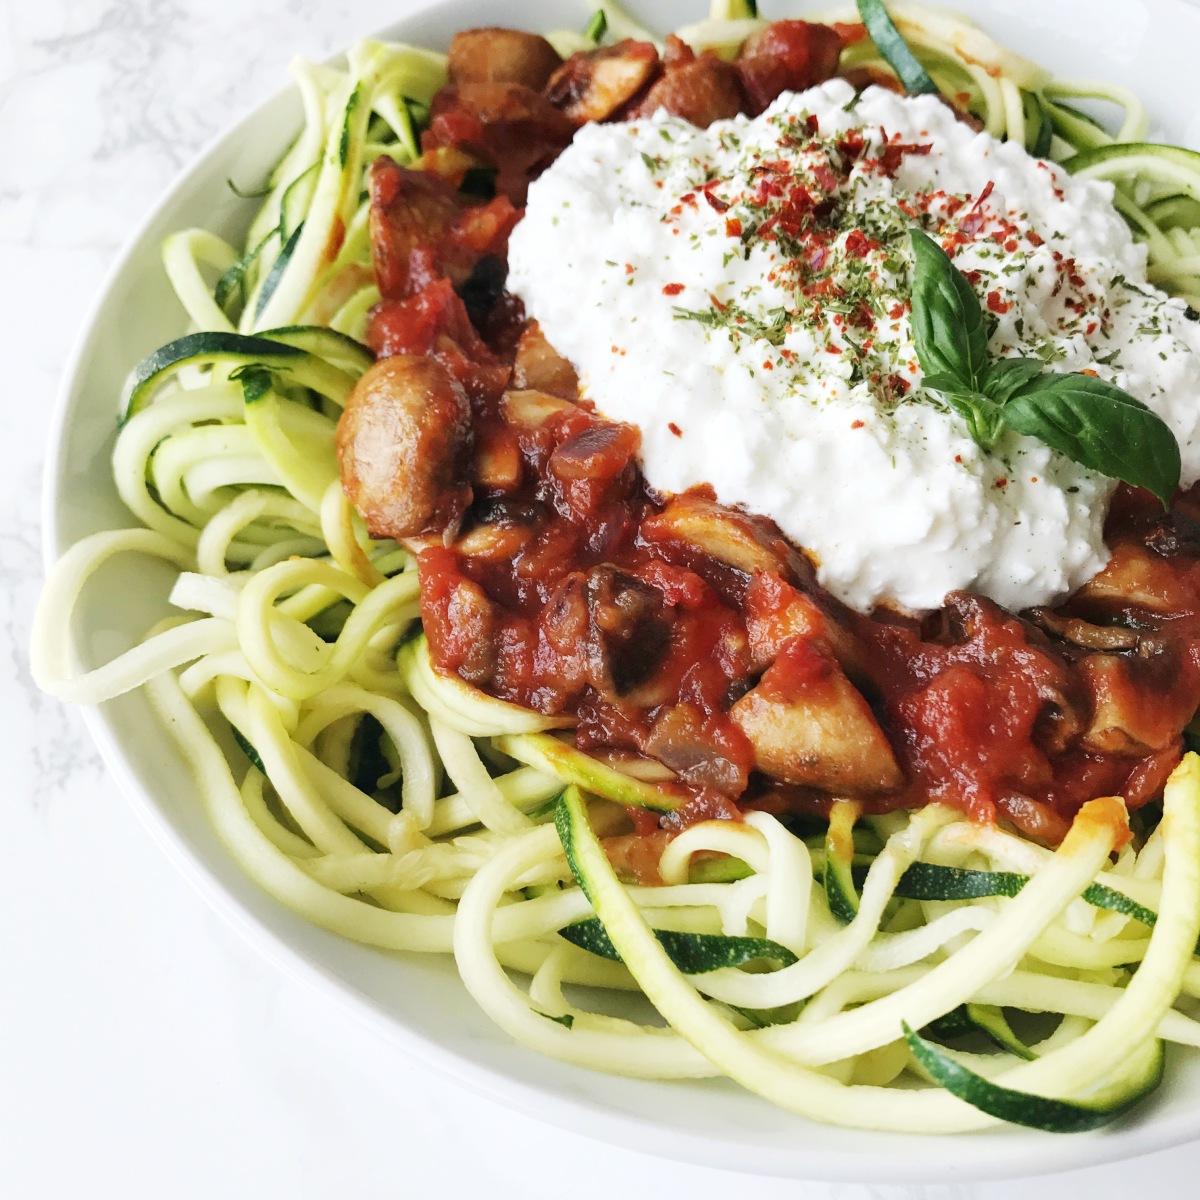 zucchini nudeln mit tomaten champignonso e und h ttenk se on top franzellii experimente aus. Black Bedroom Furniture Sets. Home Design Ideas